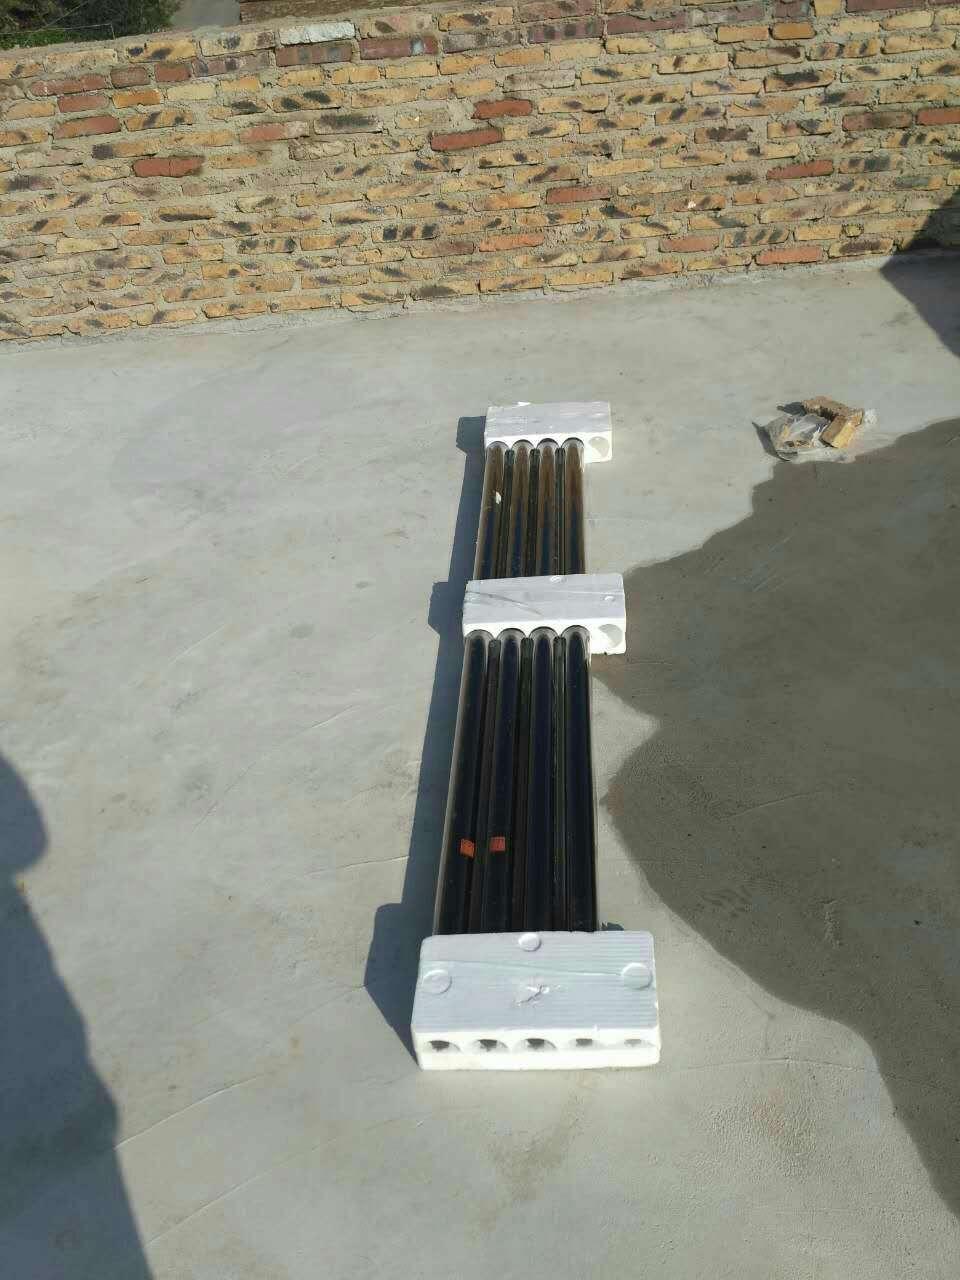 太阳雨太阳能热水器加大水箱T+系列家用全自动上水保热墙太阳能热水器速热节能大水箱智能仪表电辅加热防冻【送货入户】24管205L(建议4~5人)